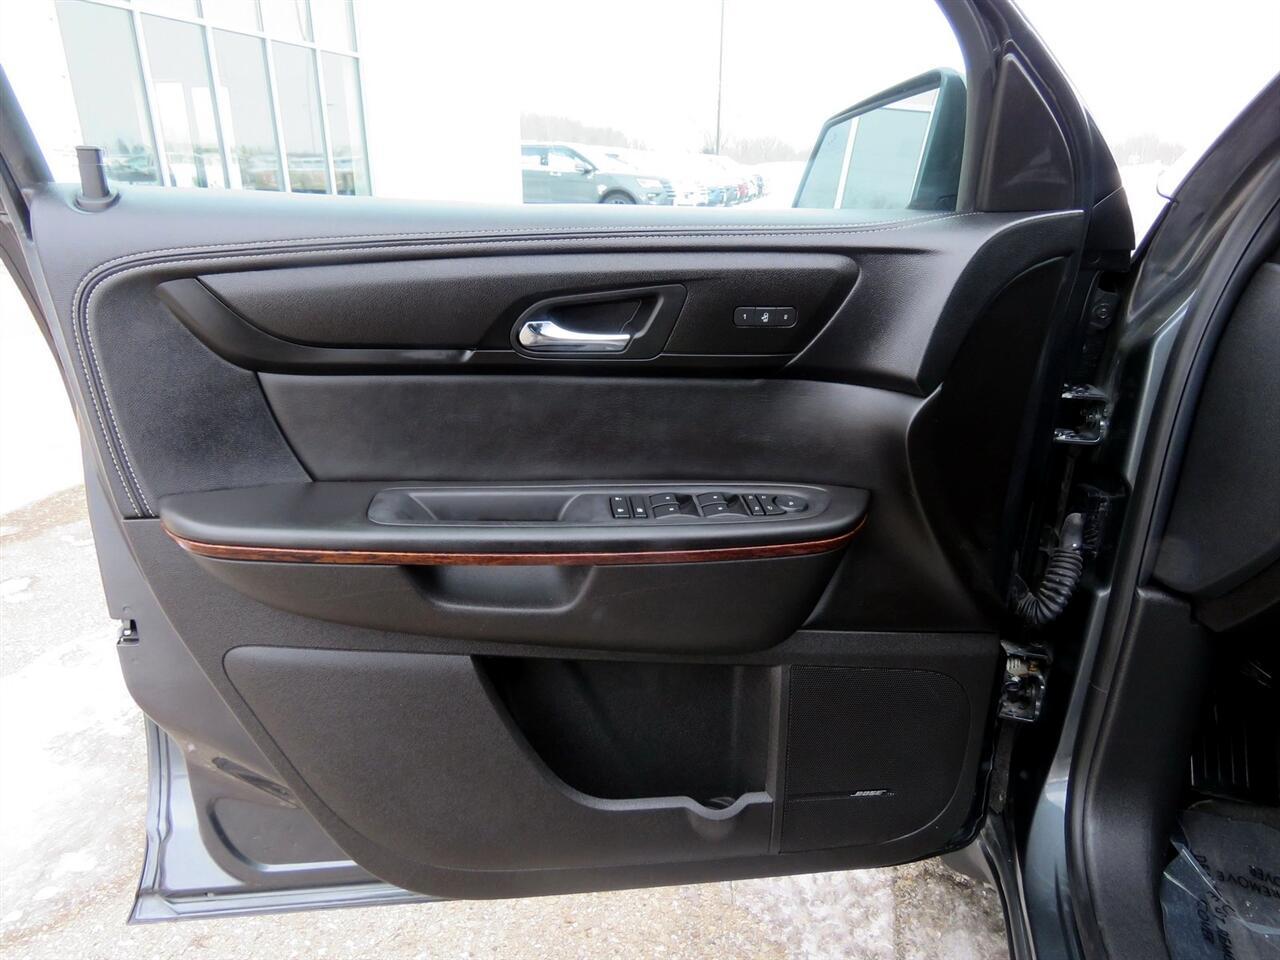 2013 Chevrolet Traverse LTZ